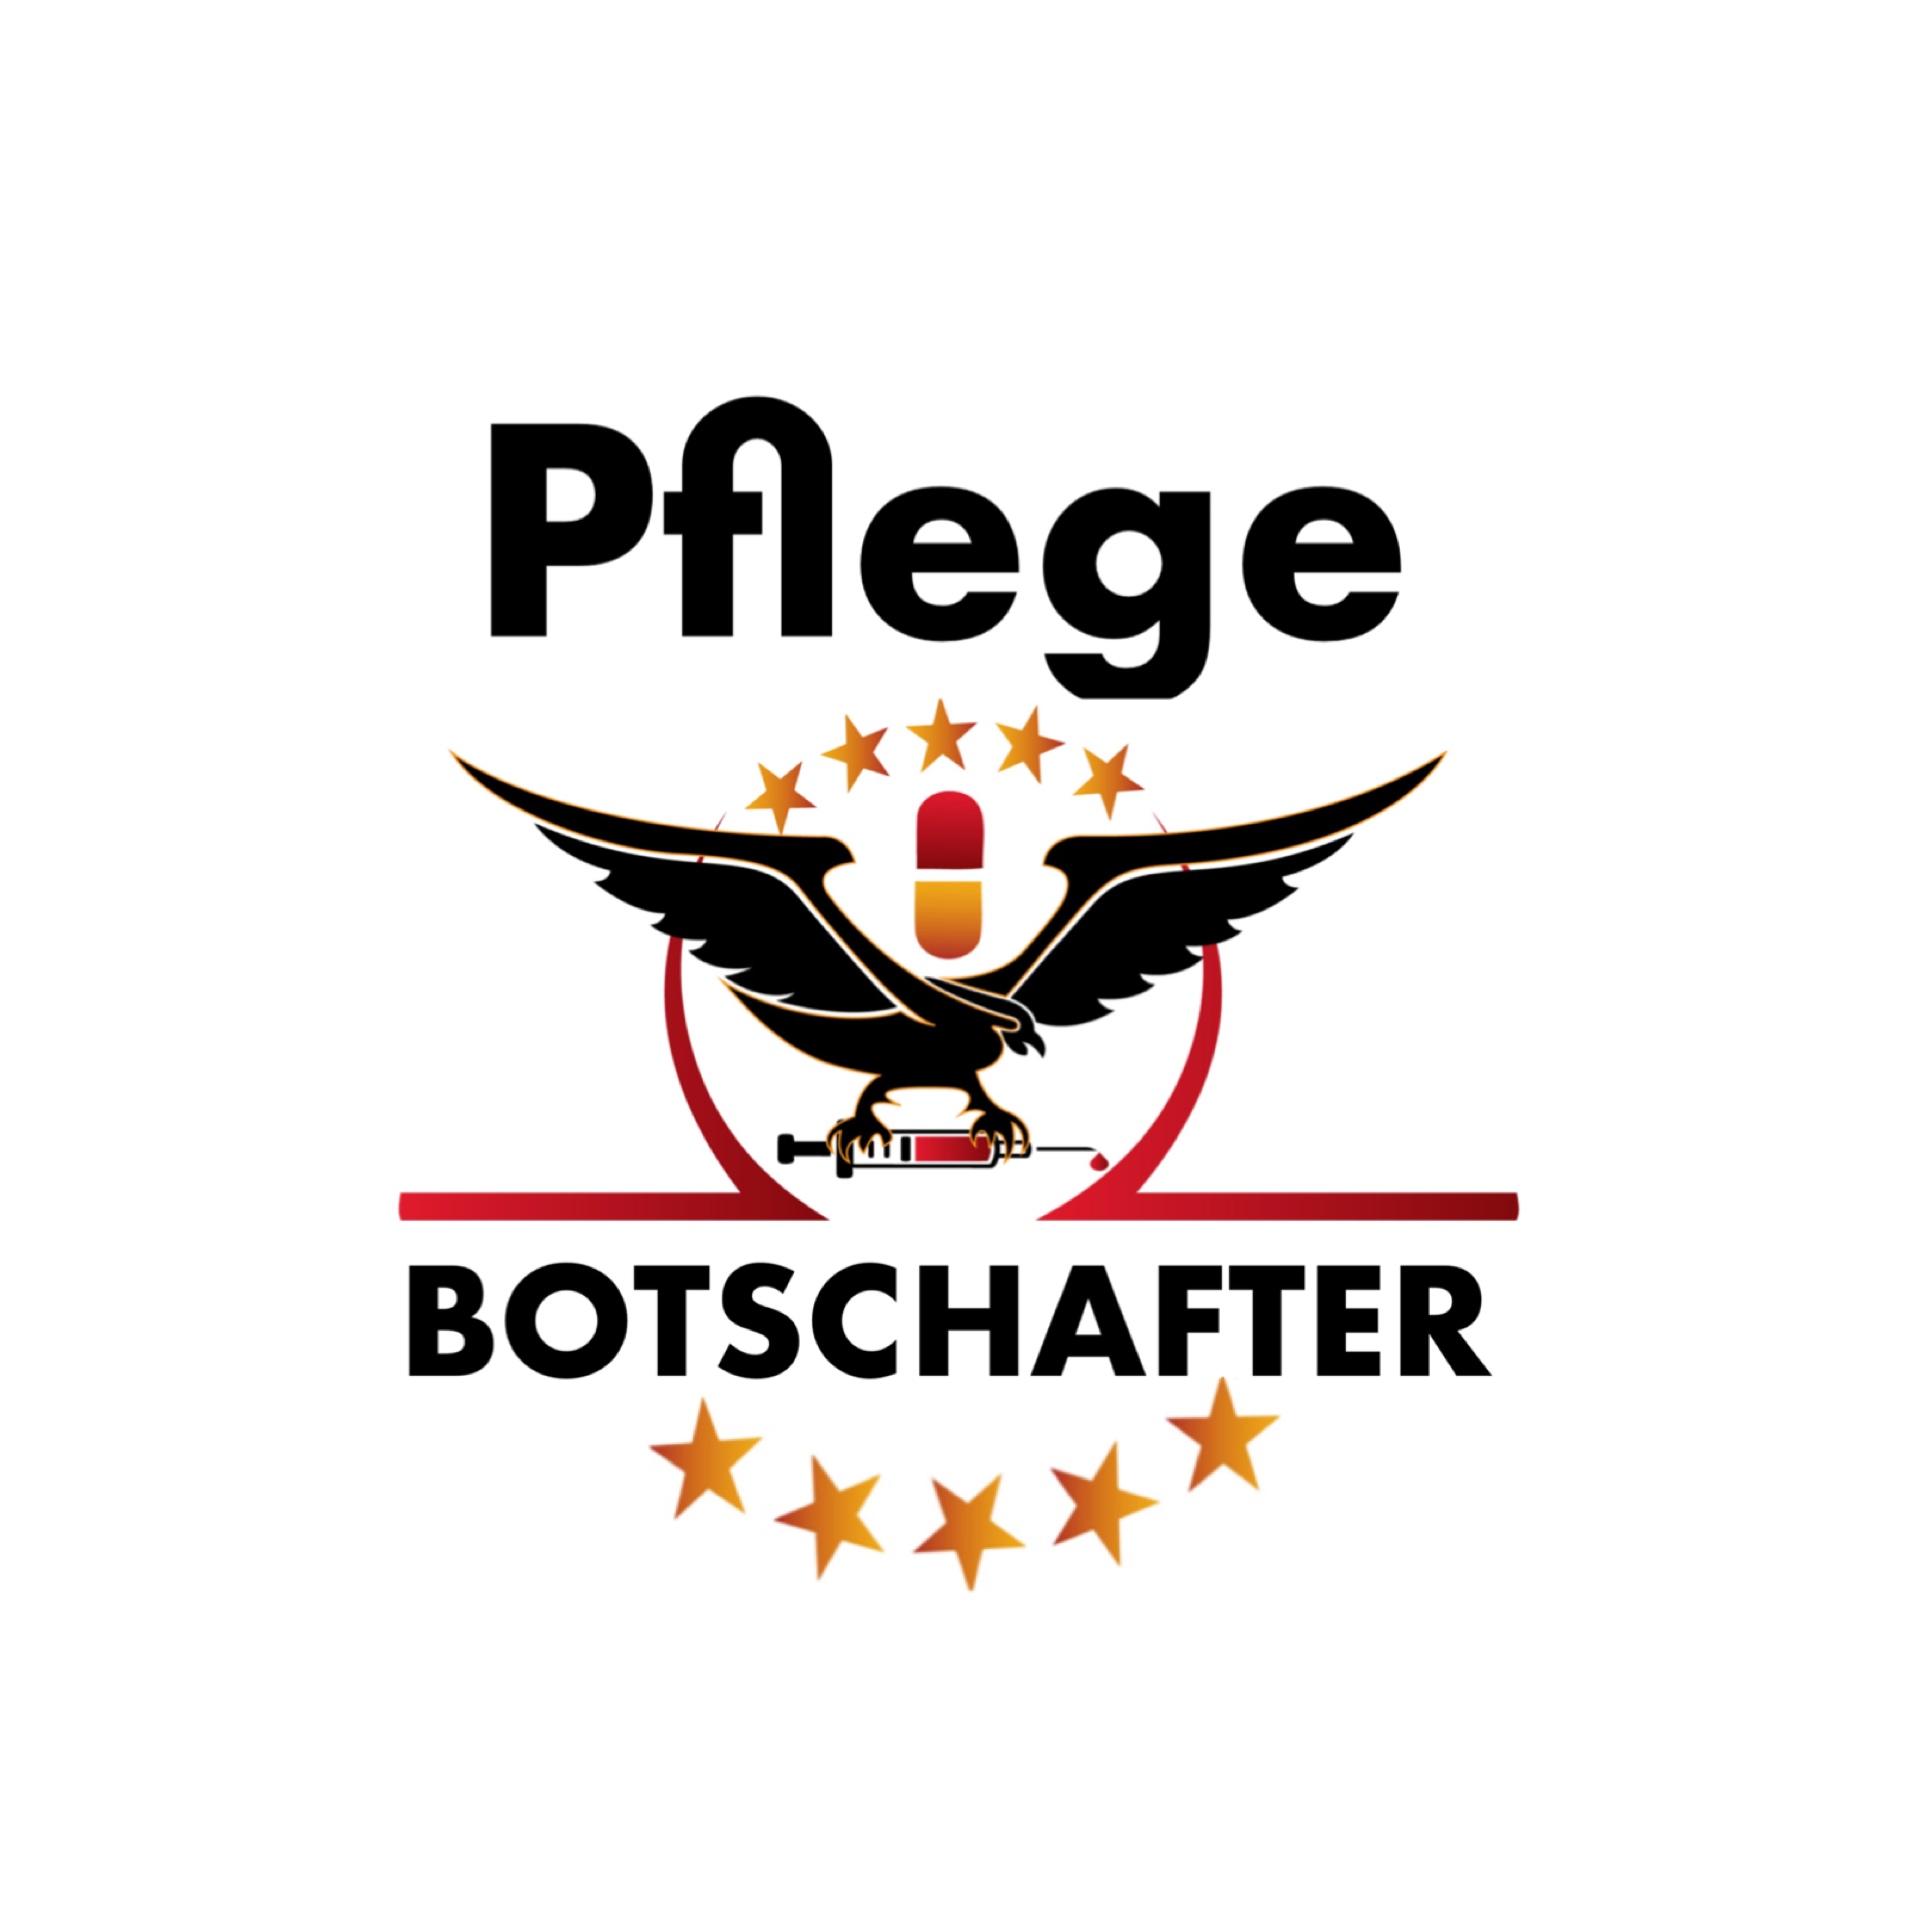 pflegebotschafter.com